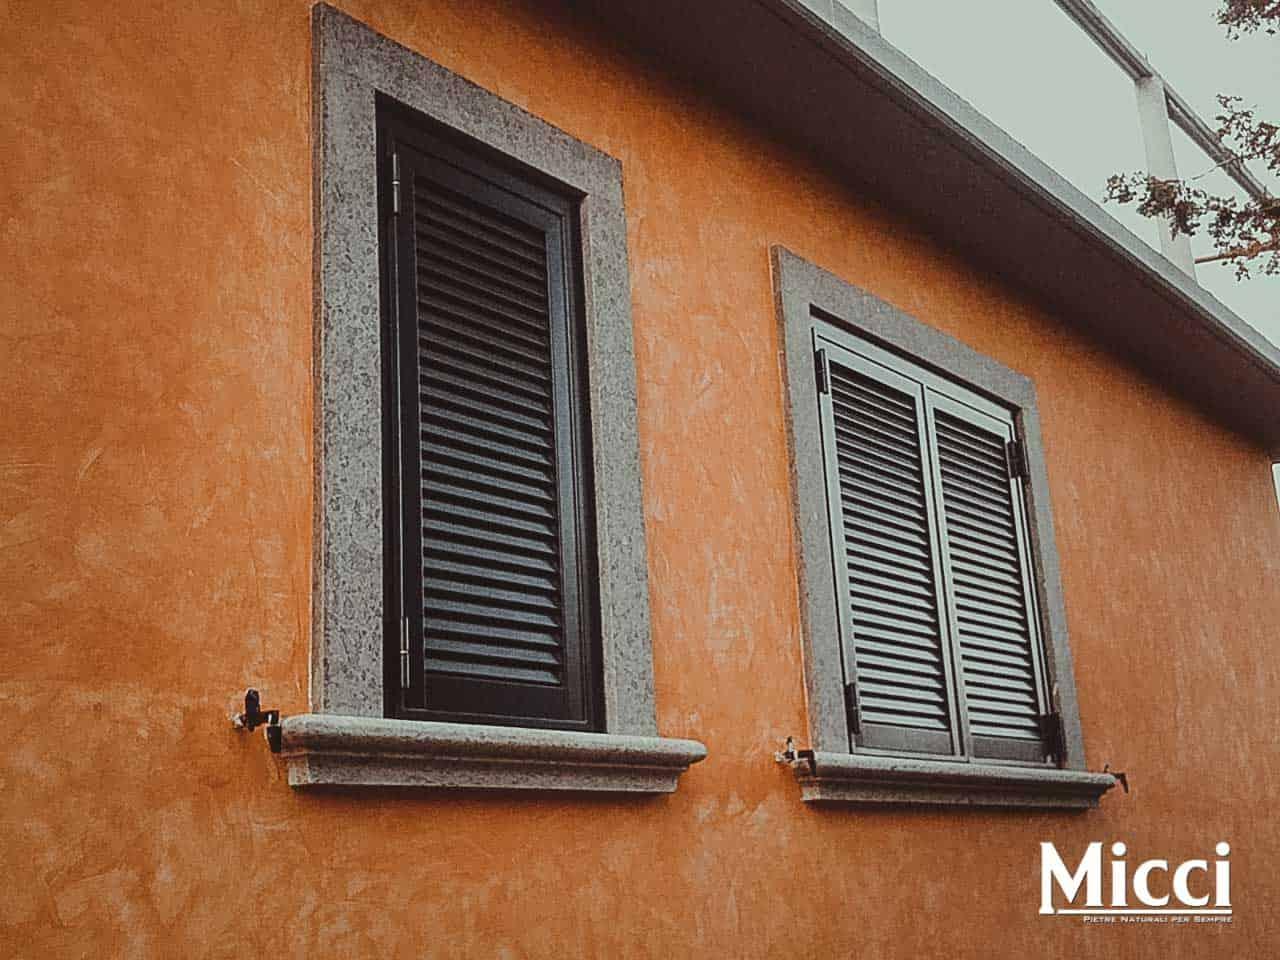 Scopri il peperino pietra naturale micci peperino - Coibentazione davanzali finestre ...